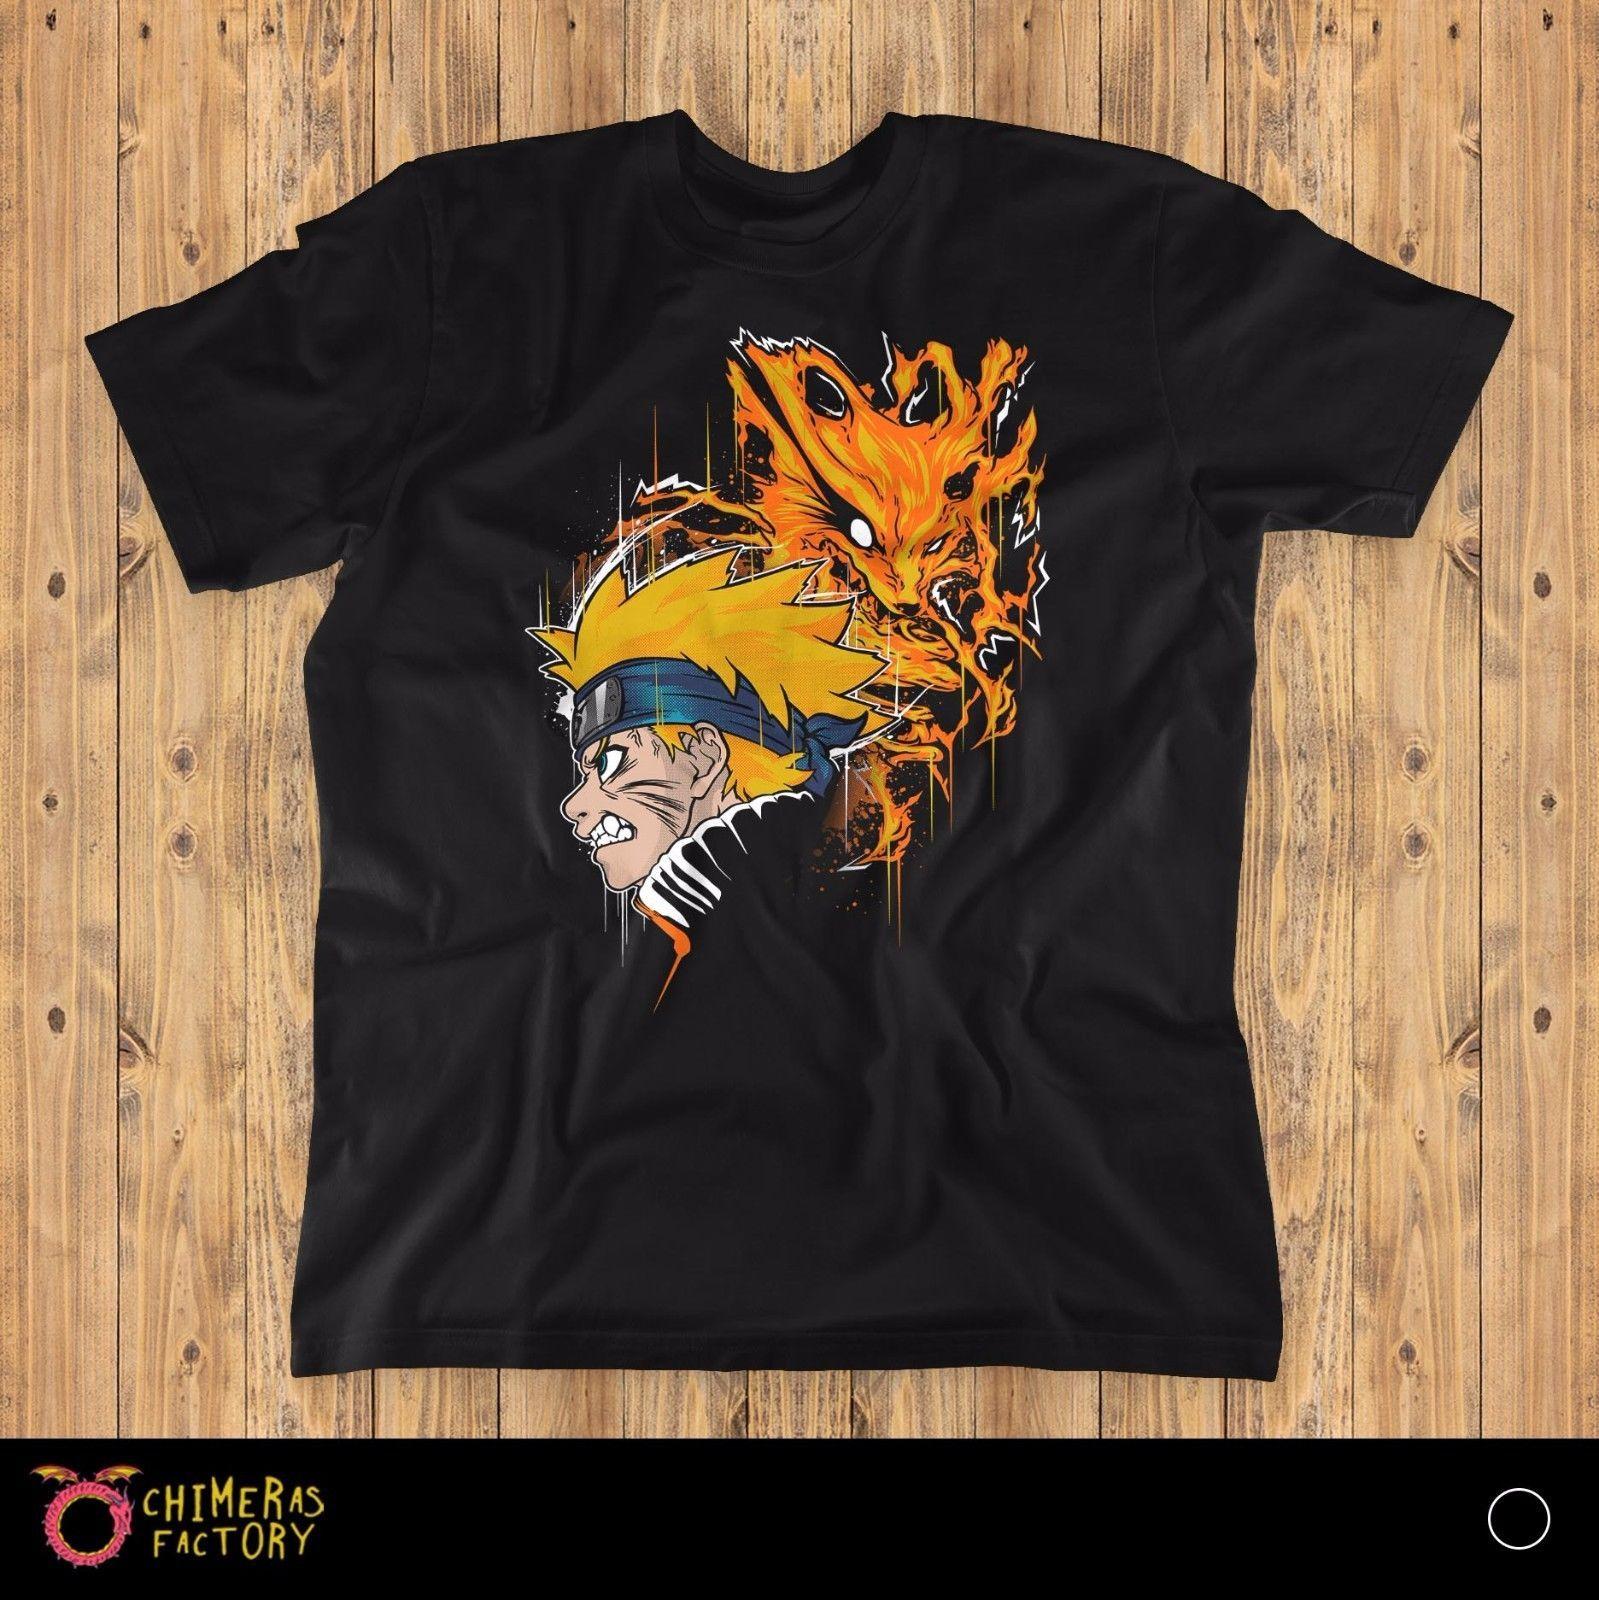 ea4d40510a Compre Camiseta Unisex Fox Del Demonio